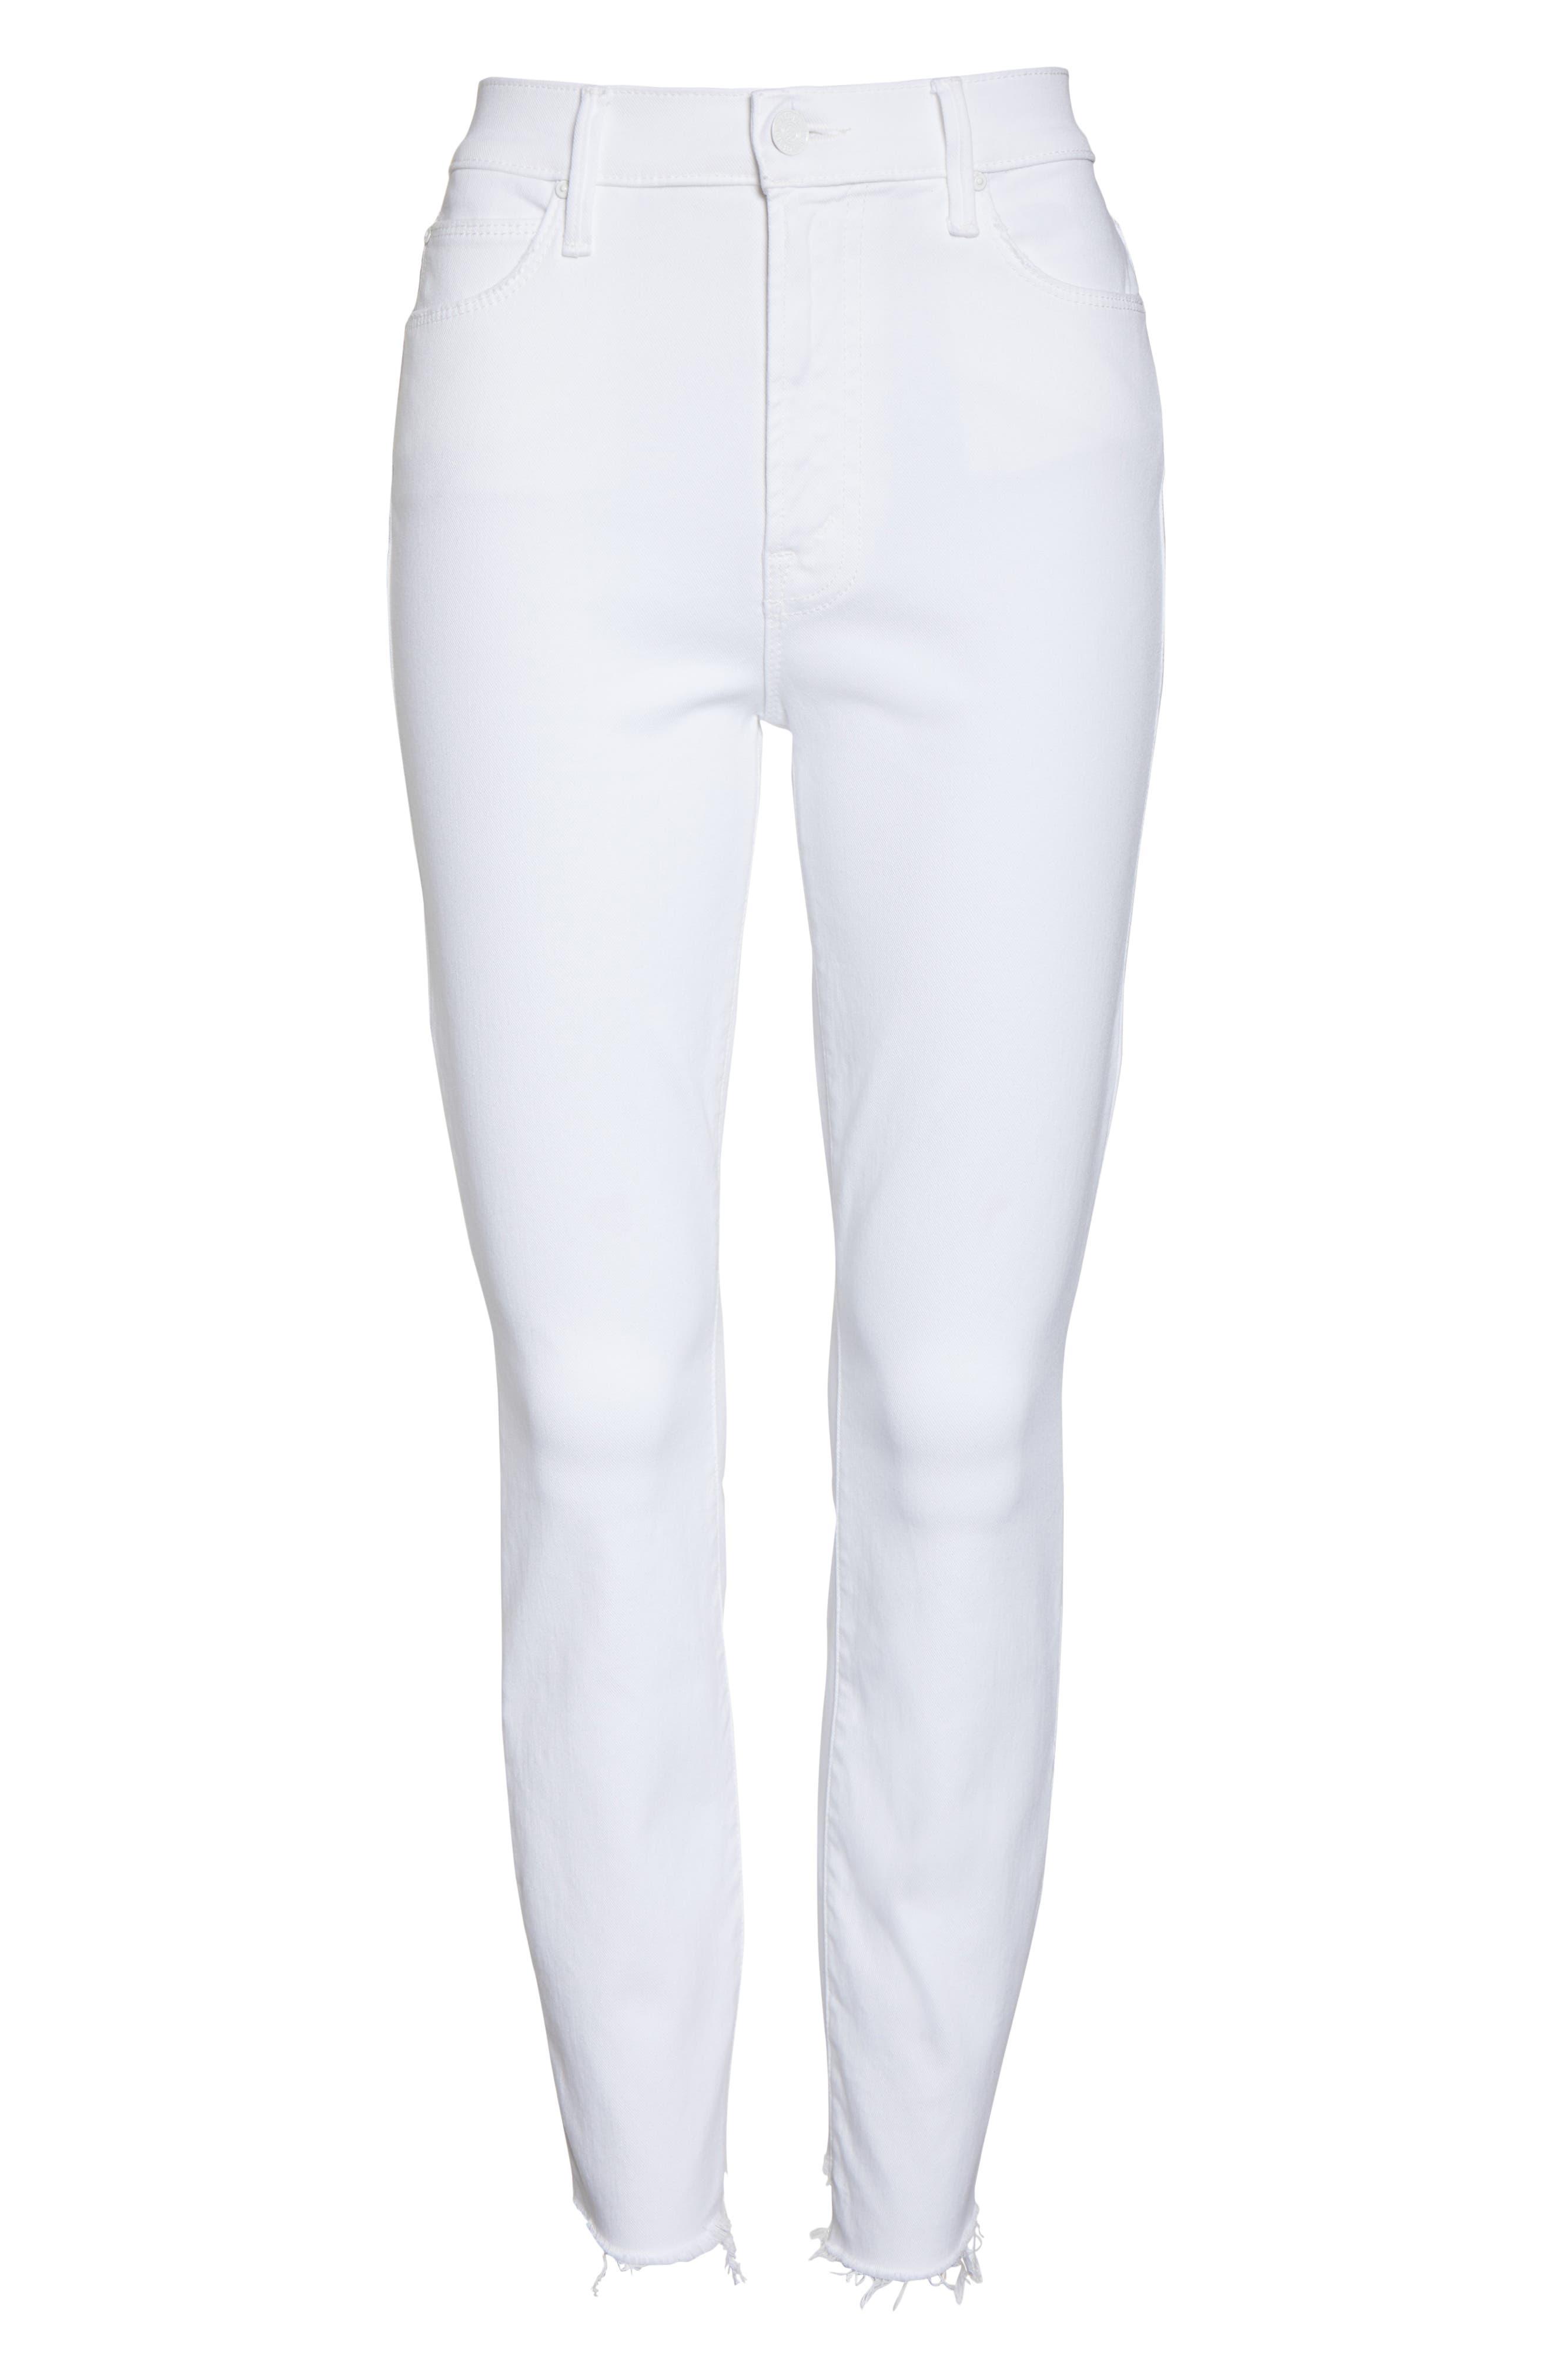 MOTHER, The Stunner Frayed Step Hem Skinny Jeans, Alternate thumbnail 6, color, GLASS SLIPPER